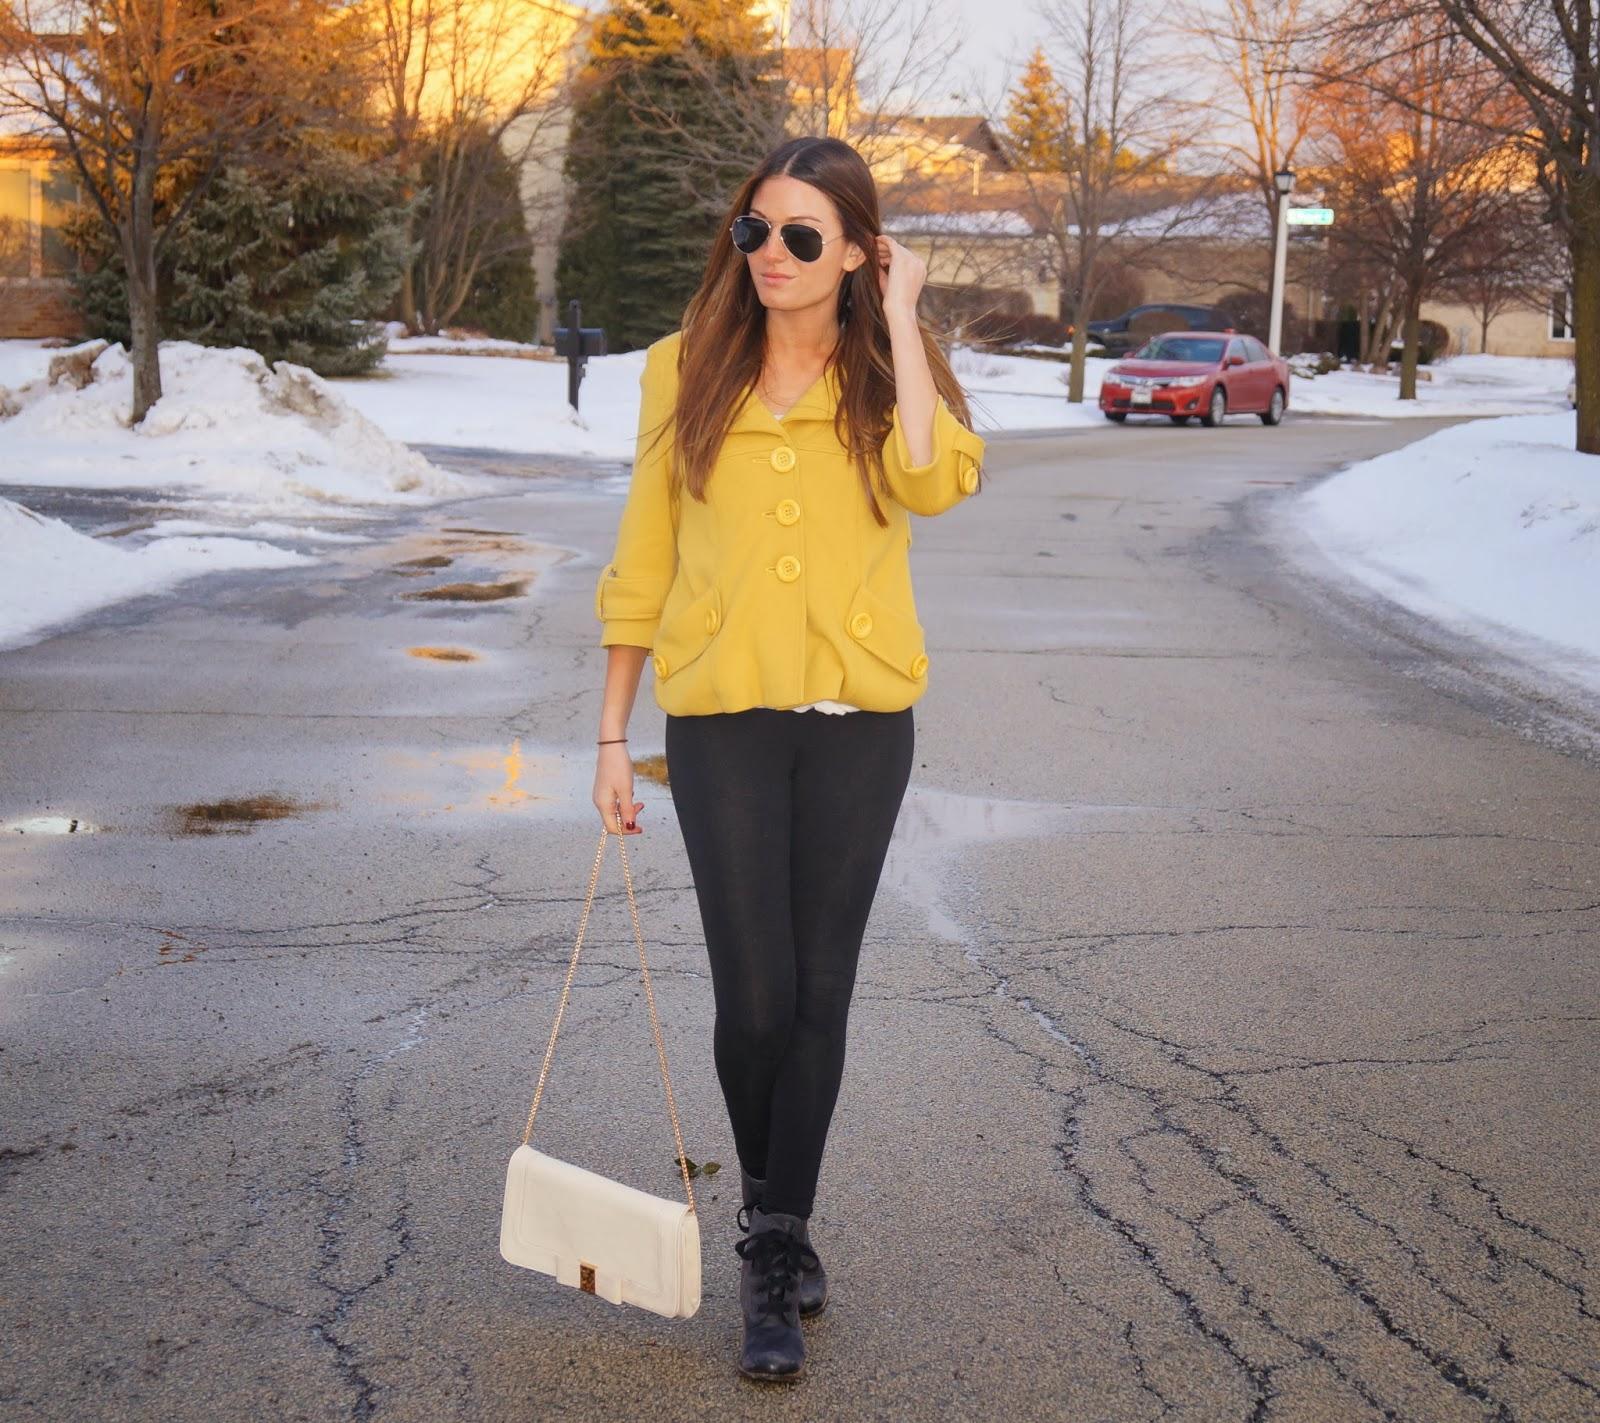 mustard yellow jacket, dolce vita boots